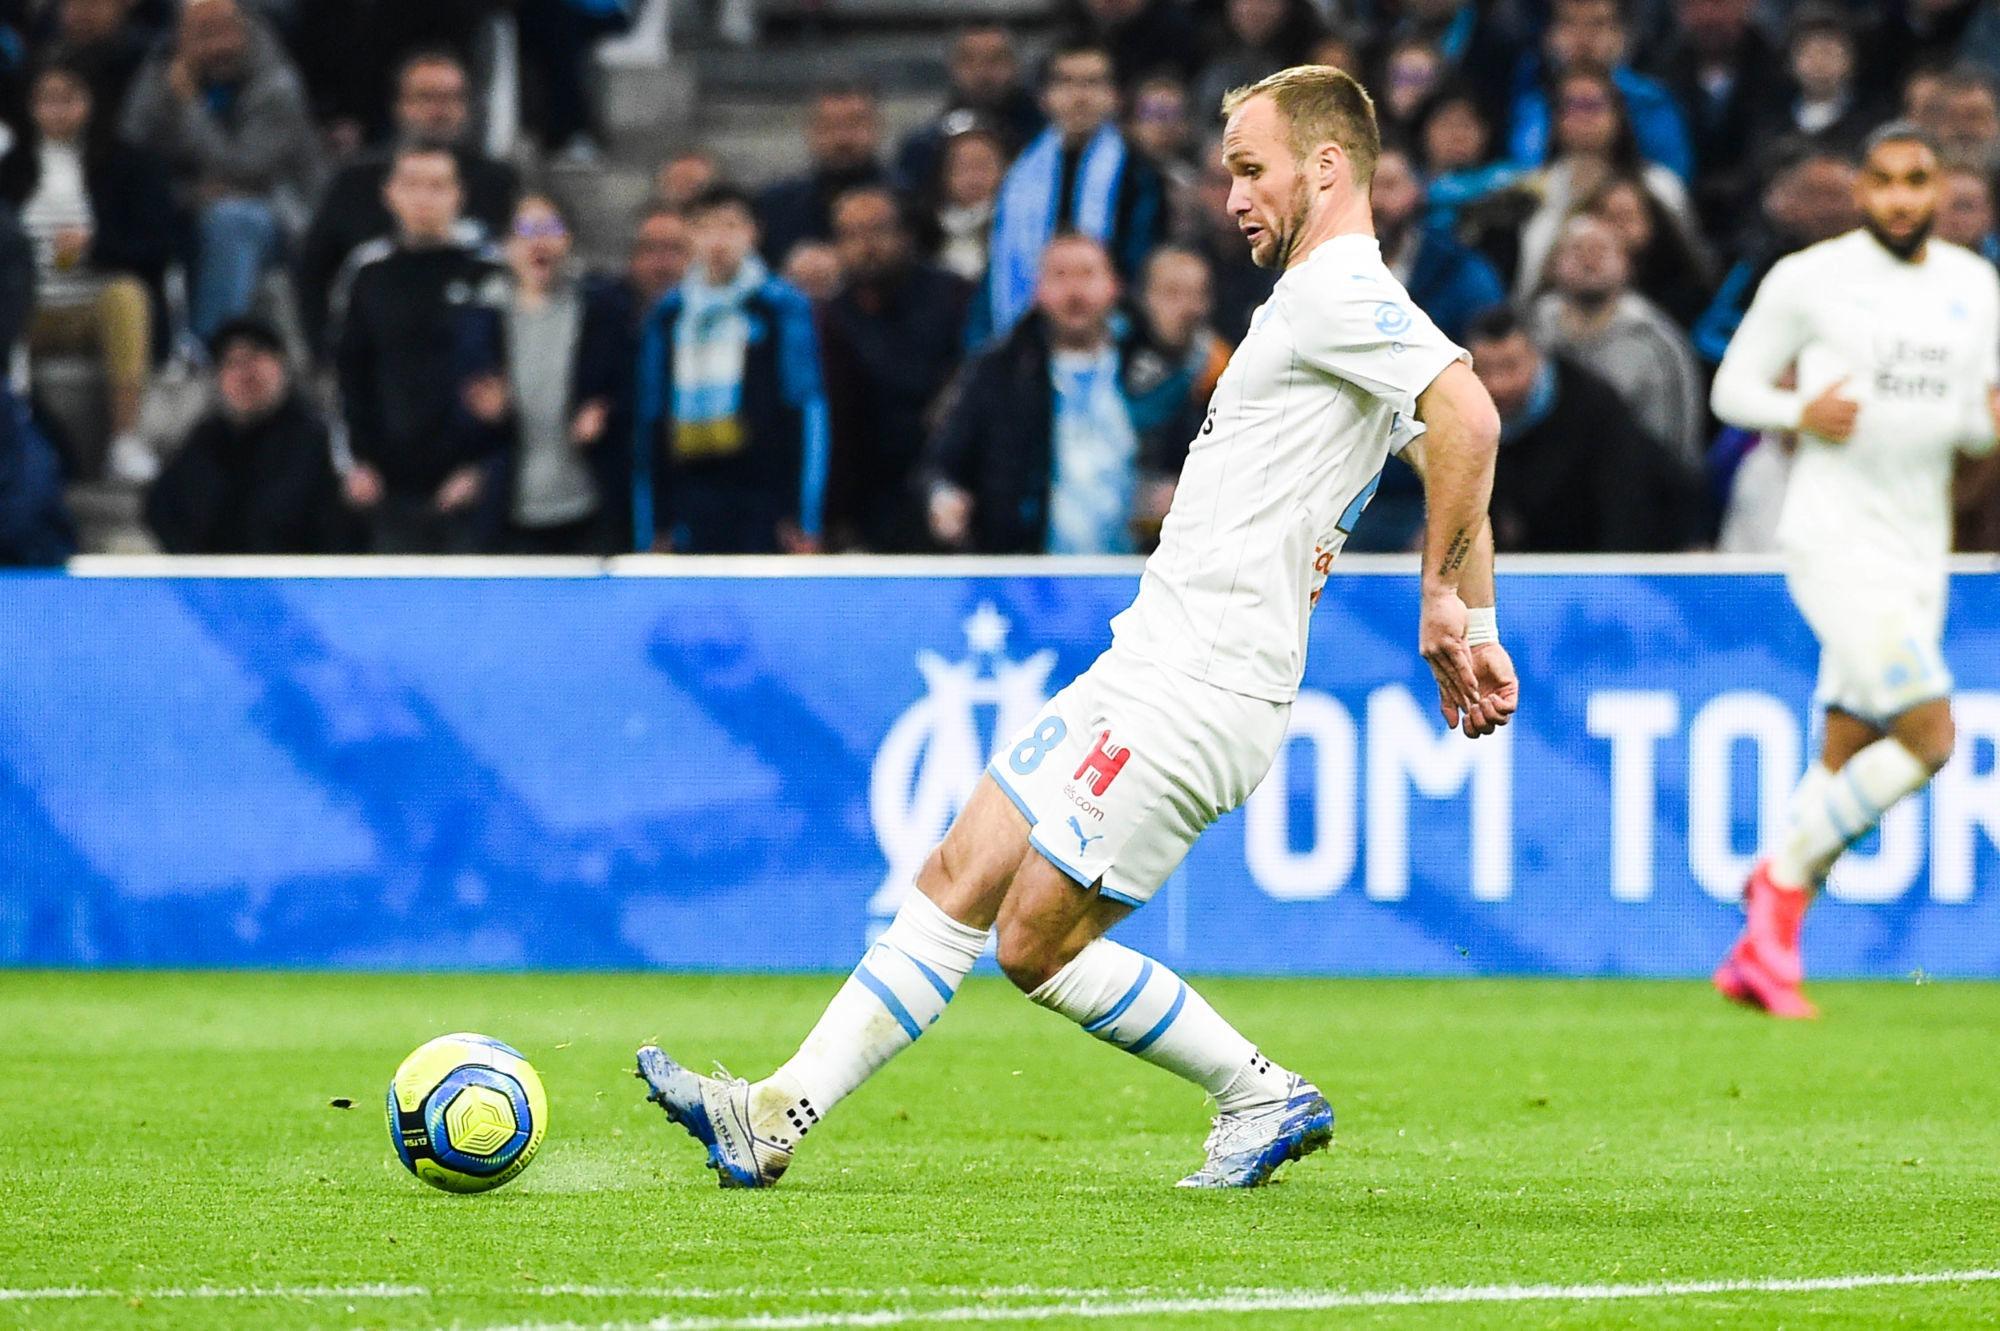 OM - Germain évoque la situation compliquée du club